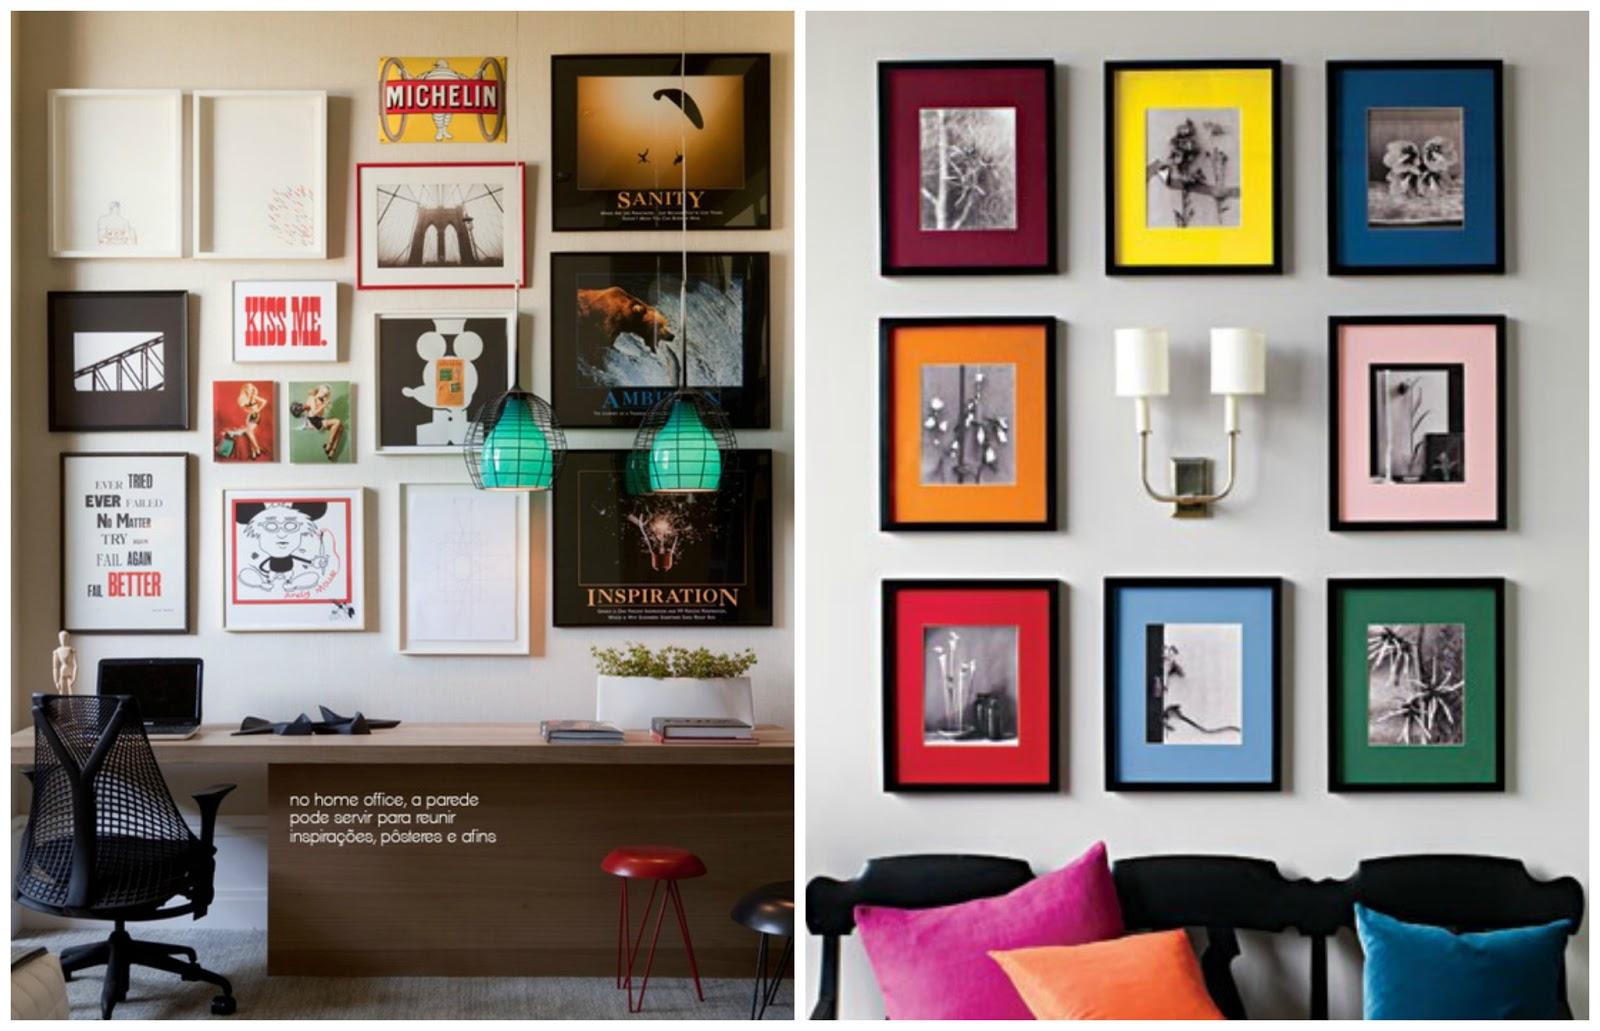 #B25C19 Quadros na parede – sem pregos 1600x1031 px Galeria Galeria Idéias_676 Imagens